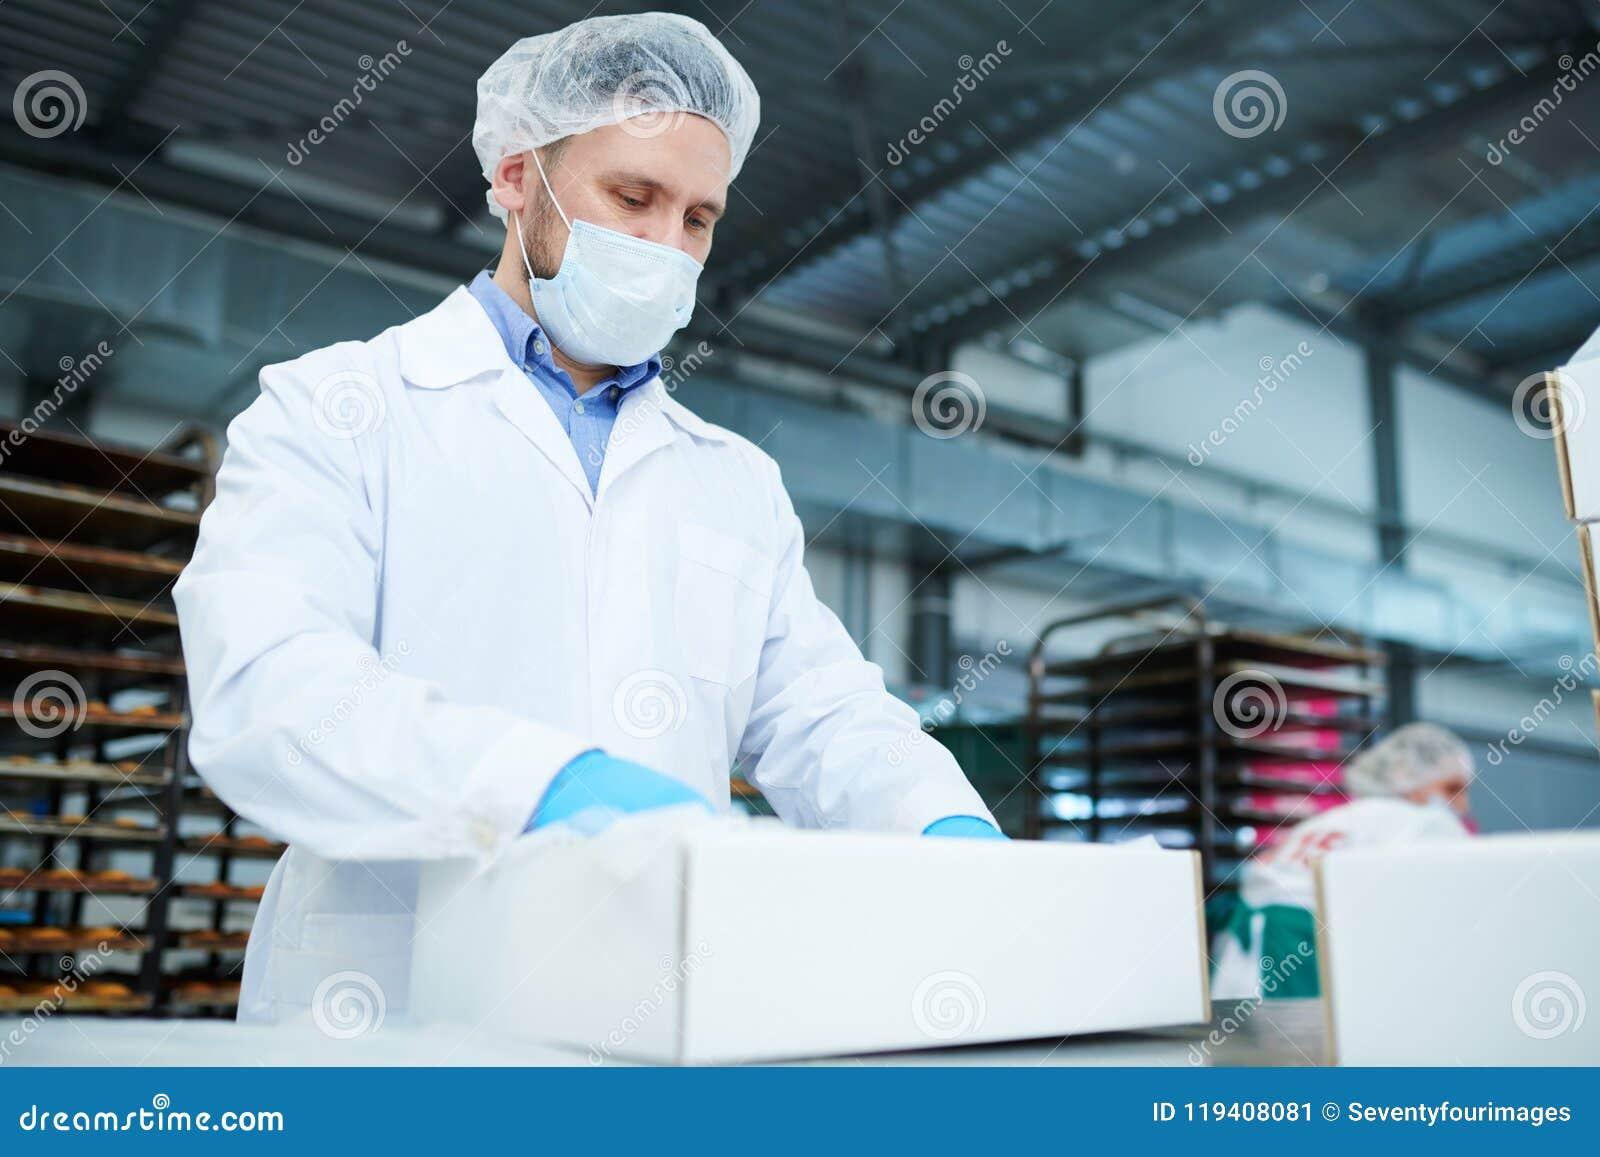 Empleado de la fábrica de la confitería que prepara el paquete